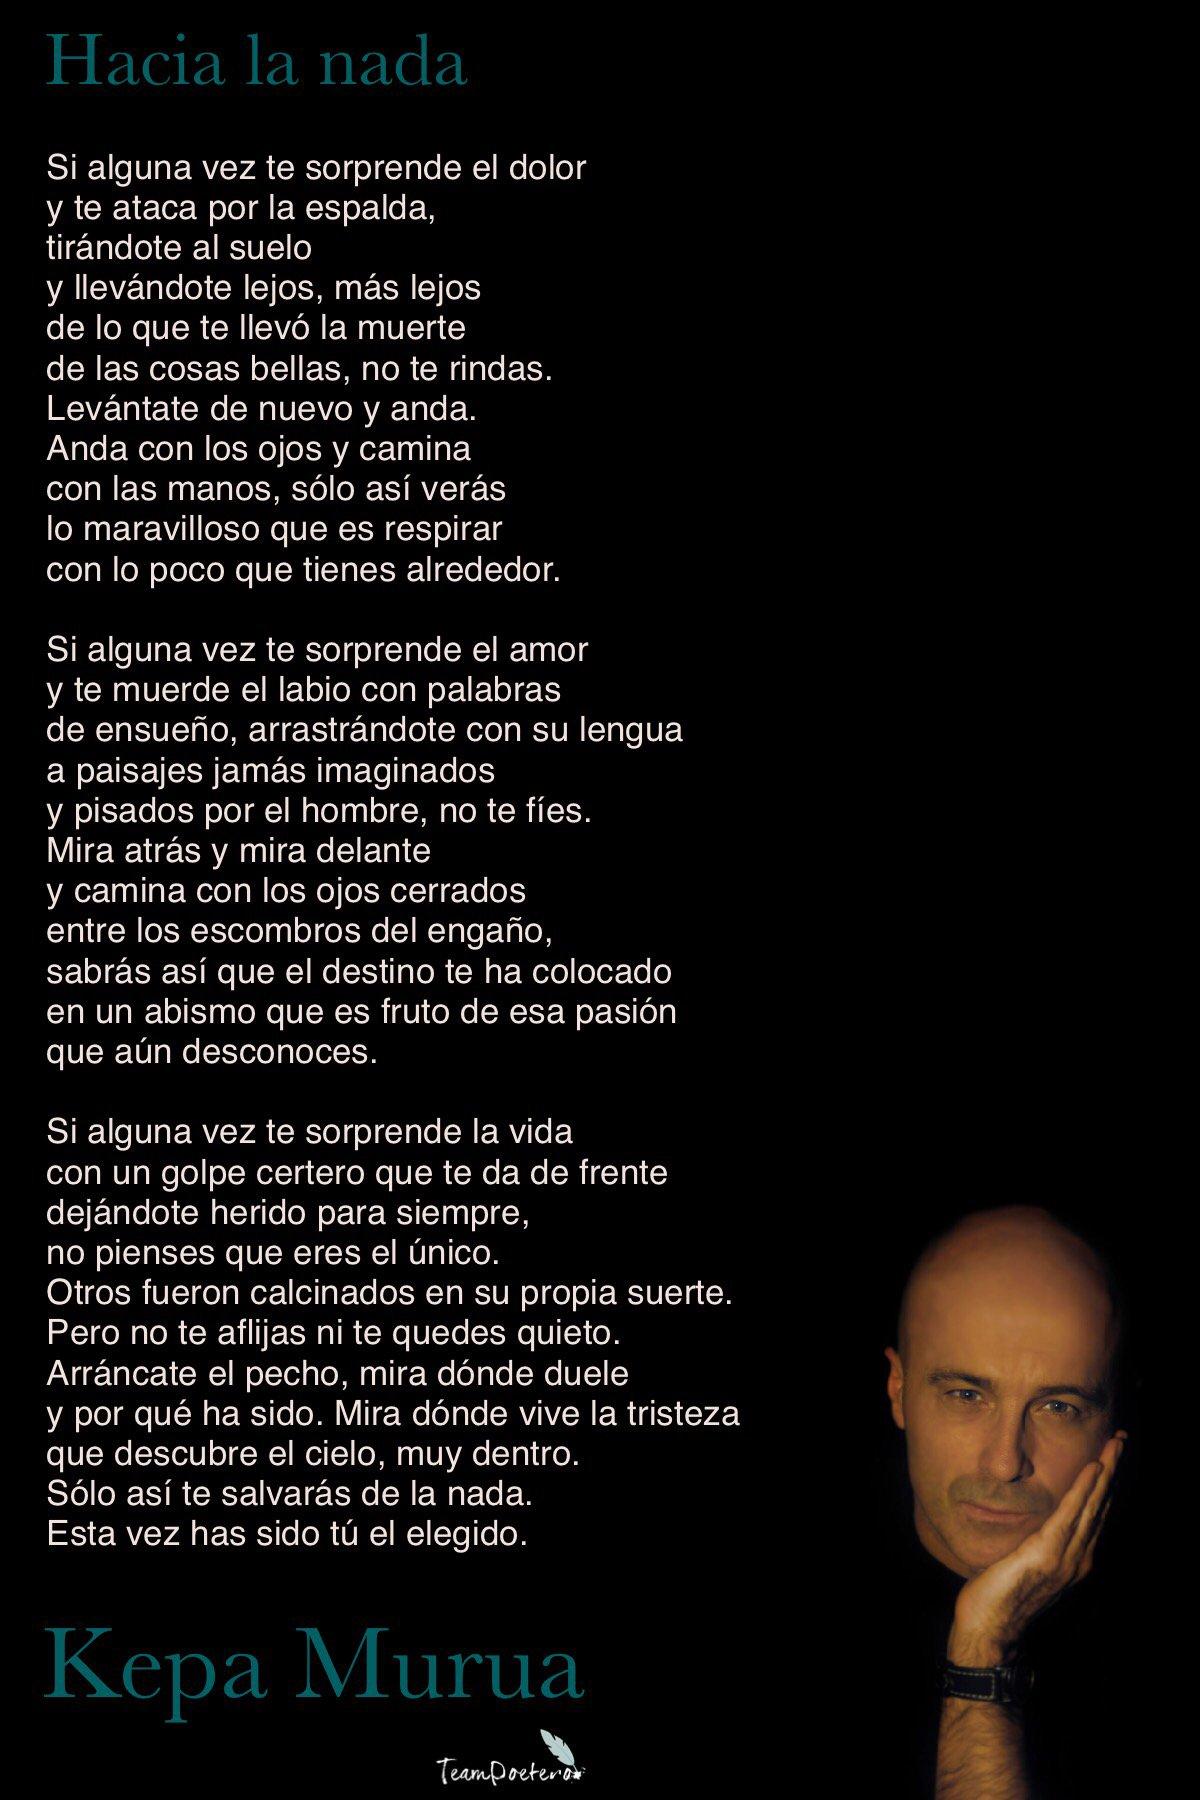 """Team Poetero on Twitter: """"Poema """"Hacia la nada"""" del libro """" No es nada"""". Kepa  Murua @kepamurua España… """""""